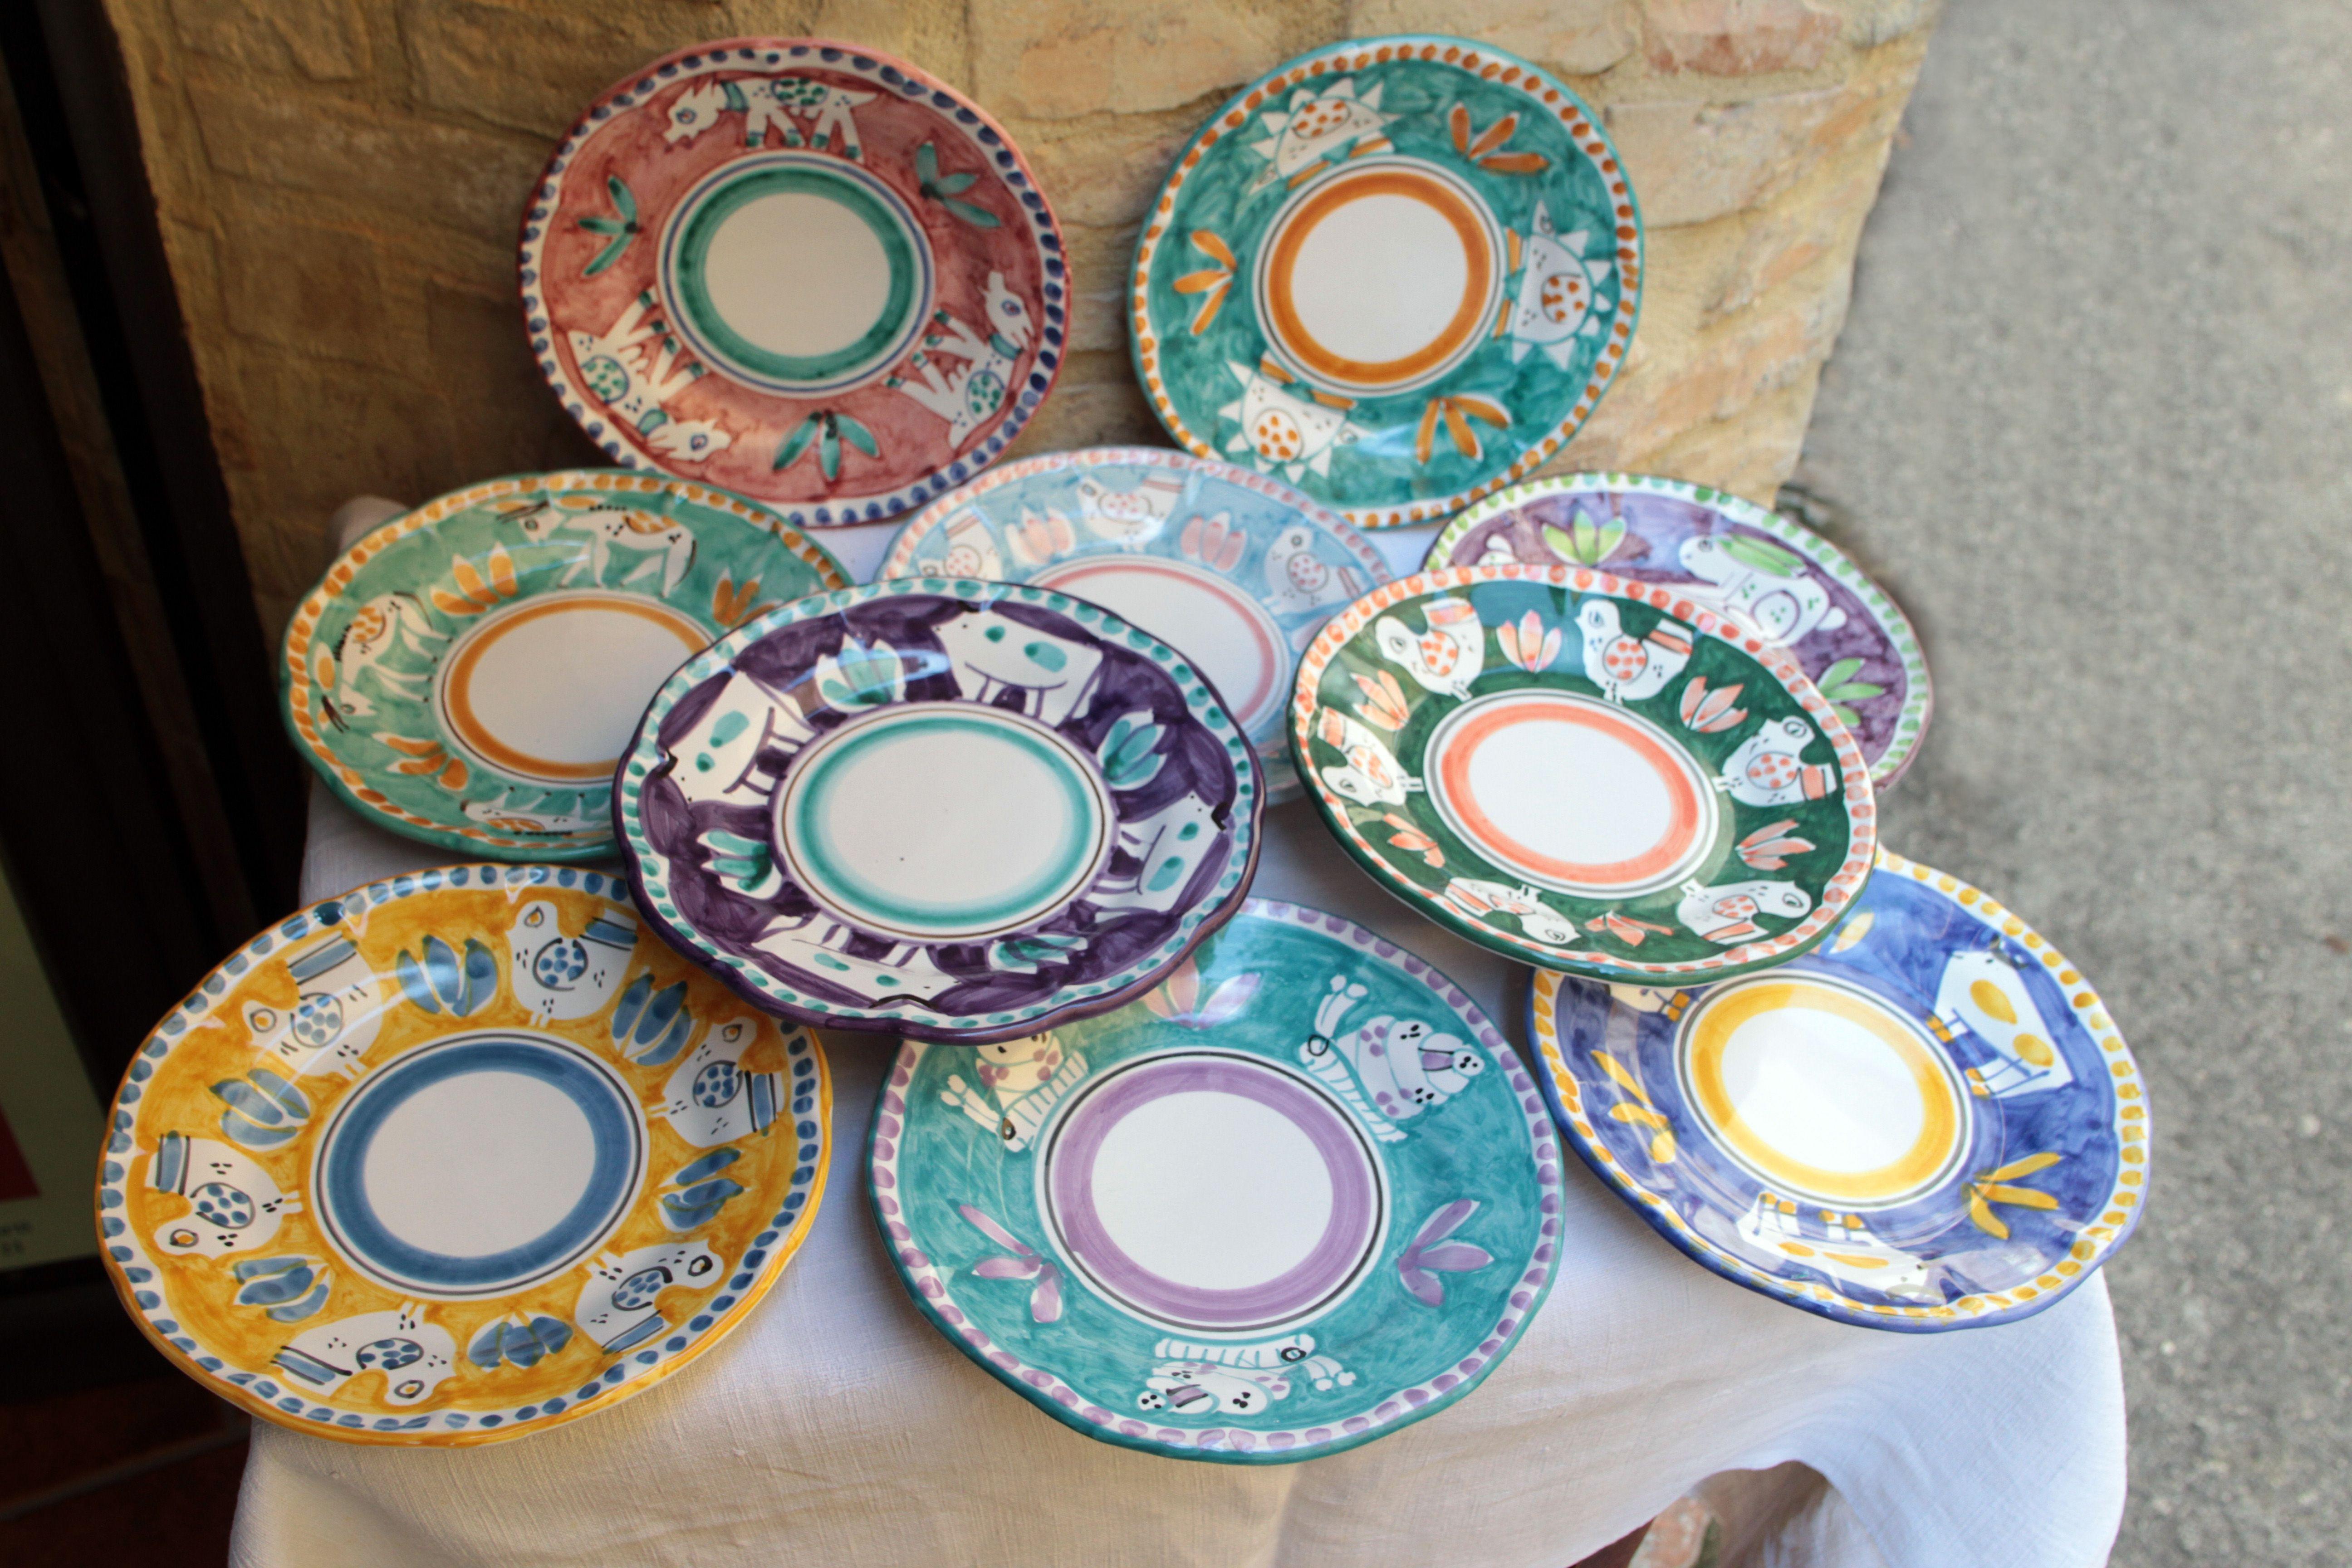 Piatti ceramiche dipinte a mano vietri sul mare campania italy